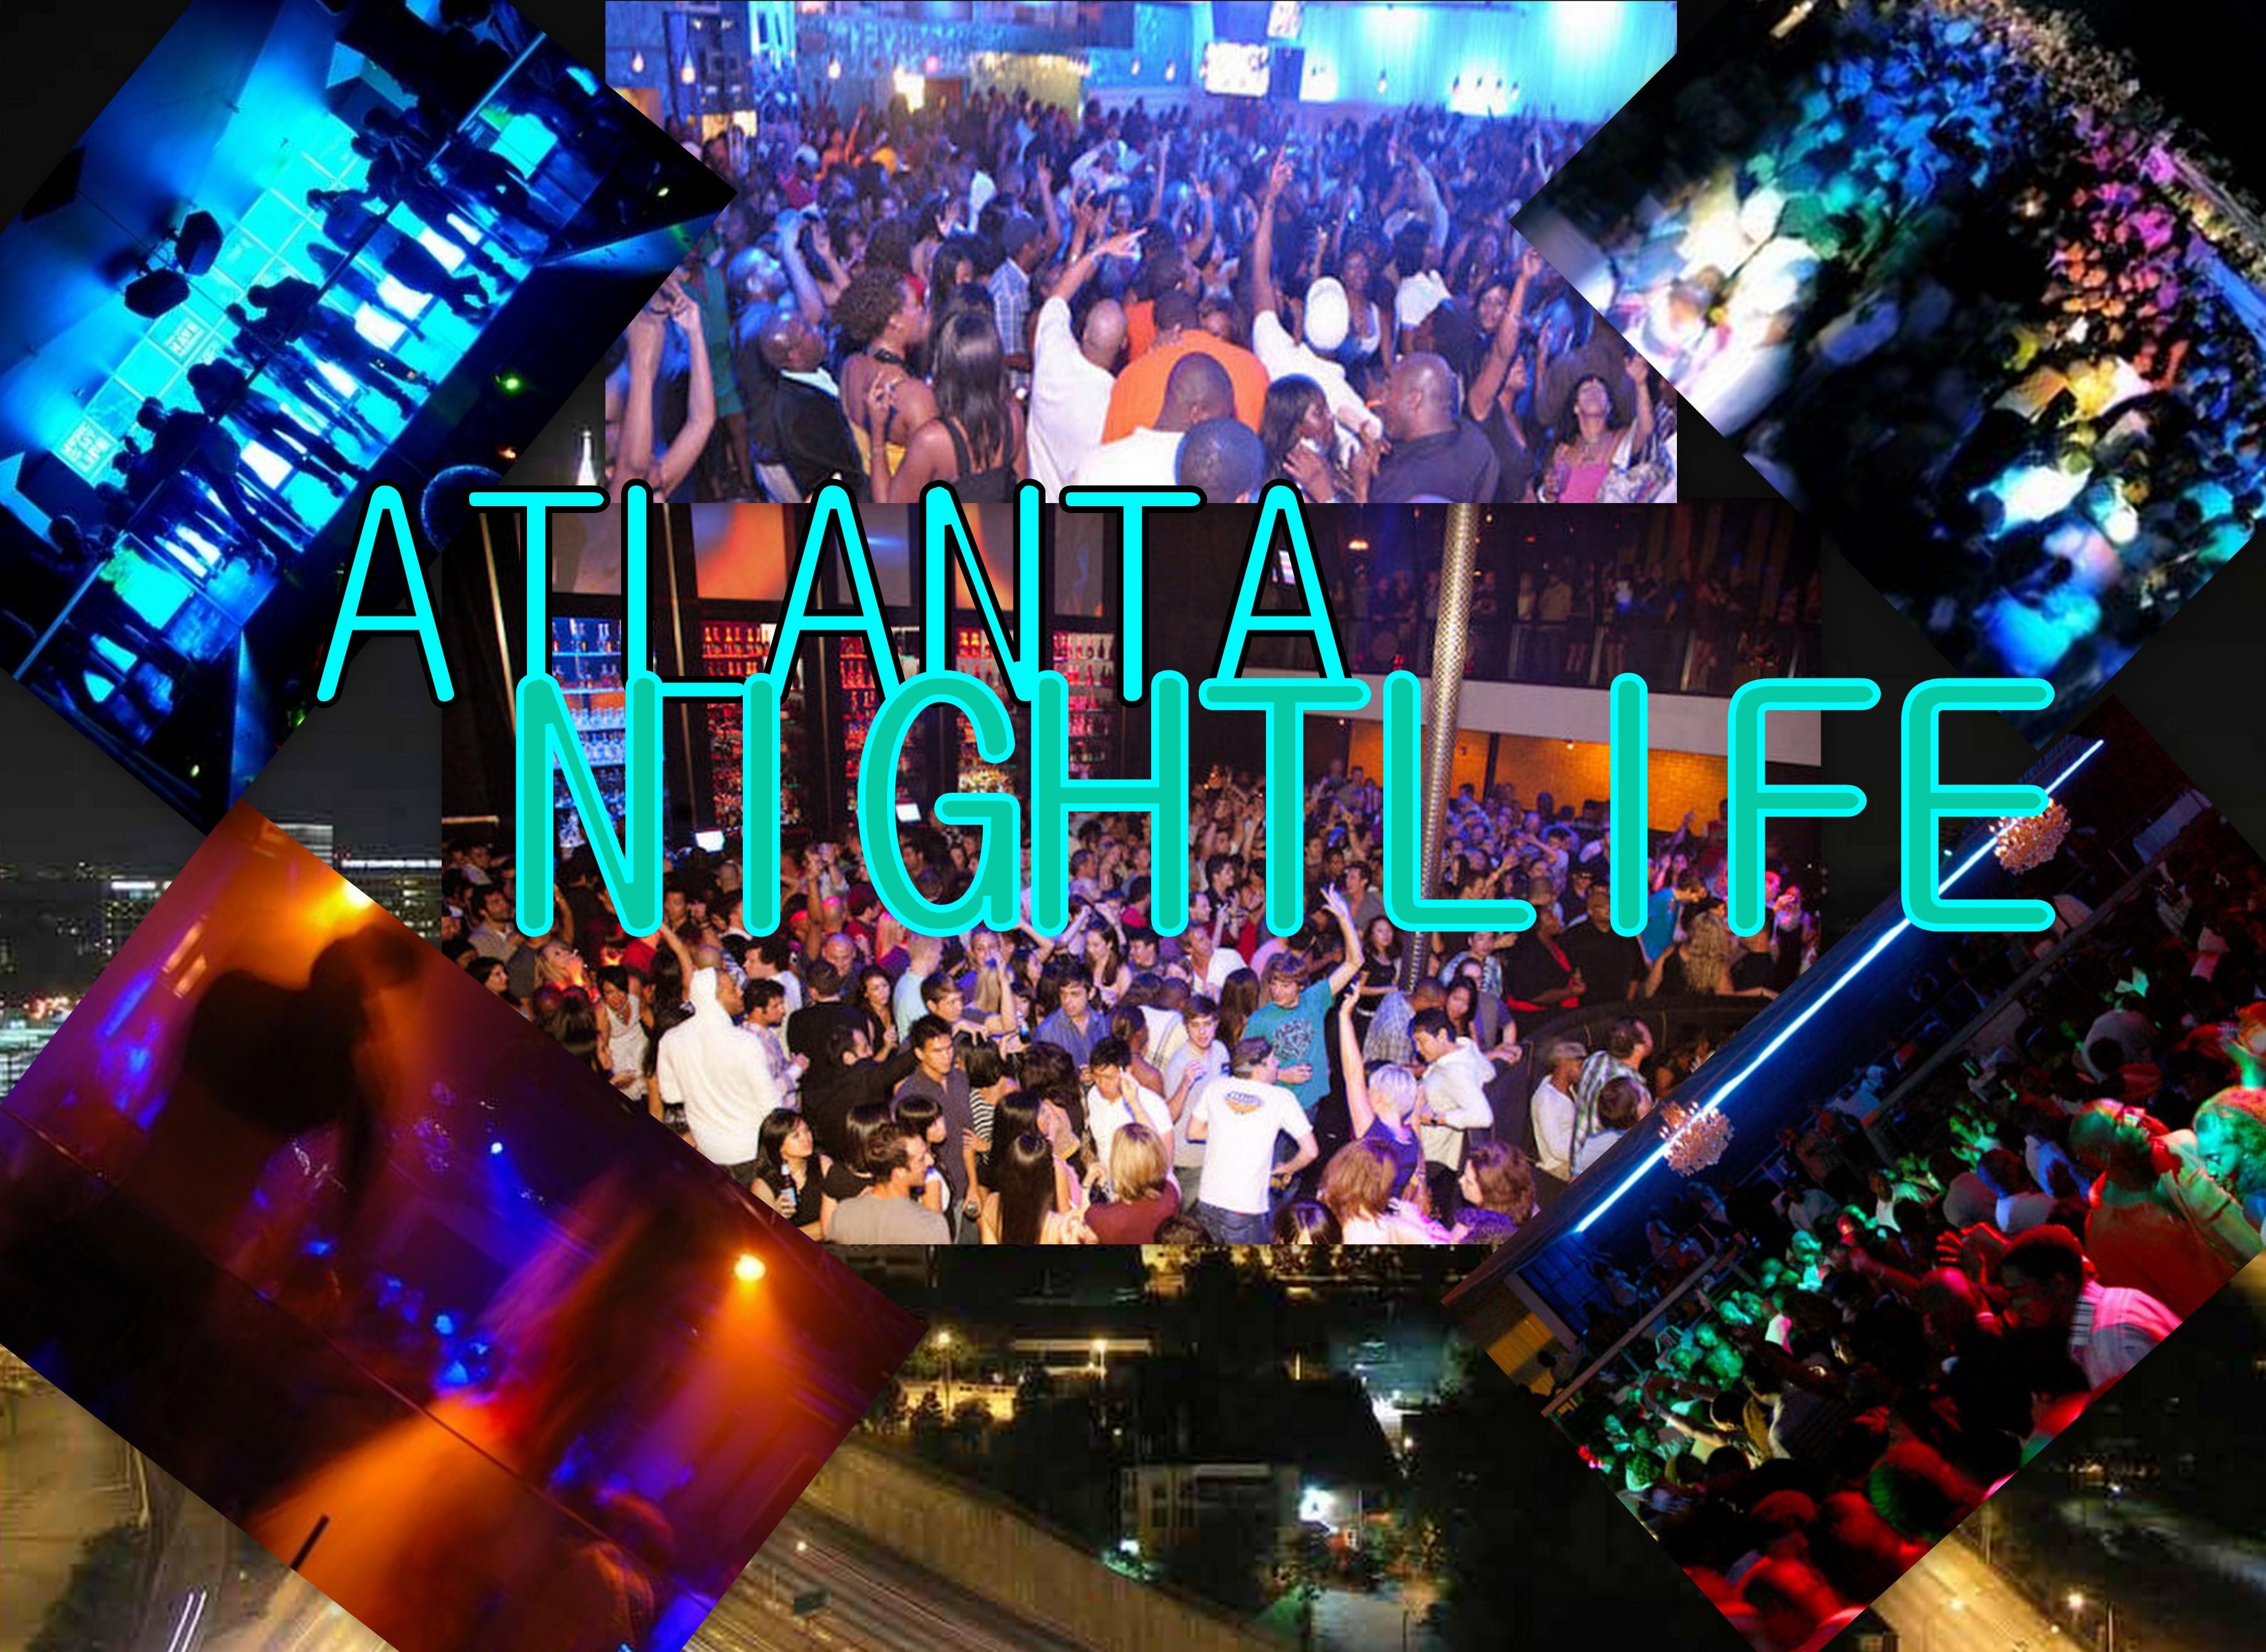 Nightlife Channel 1 Atlanta